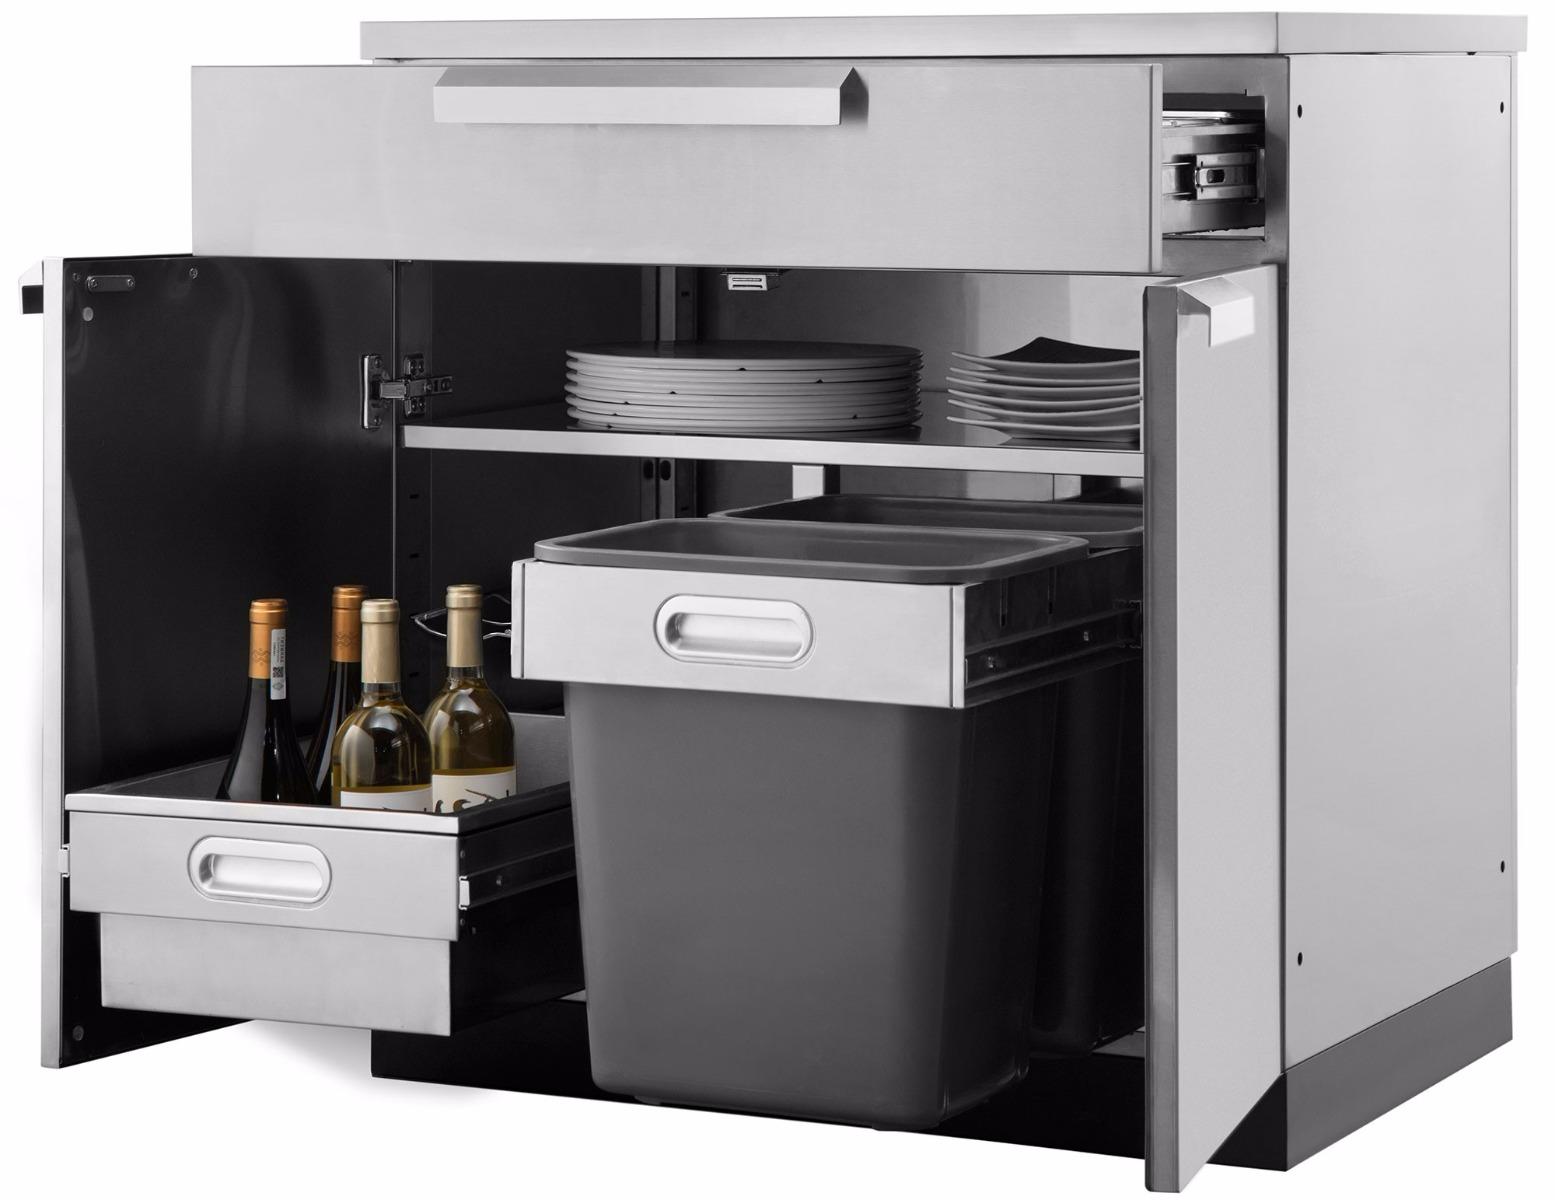 Outdoor Kitchen Bbq Cabinets Stainless Steel Garagepride